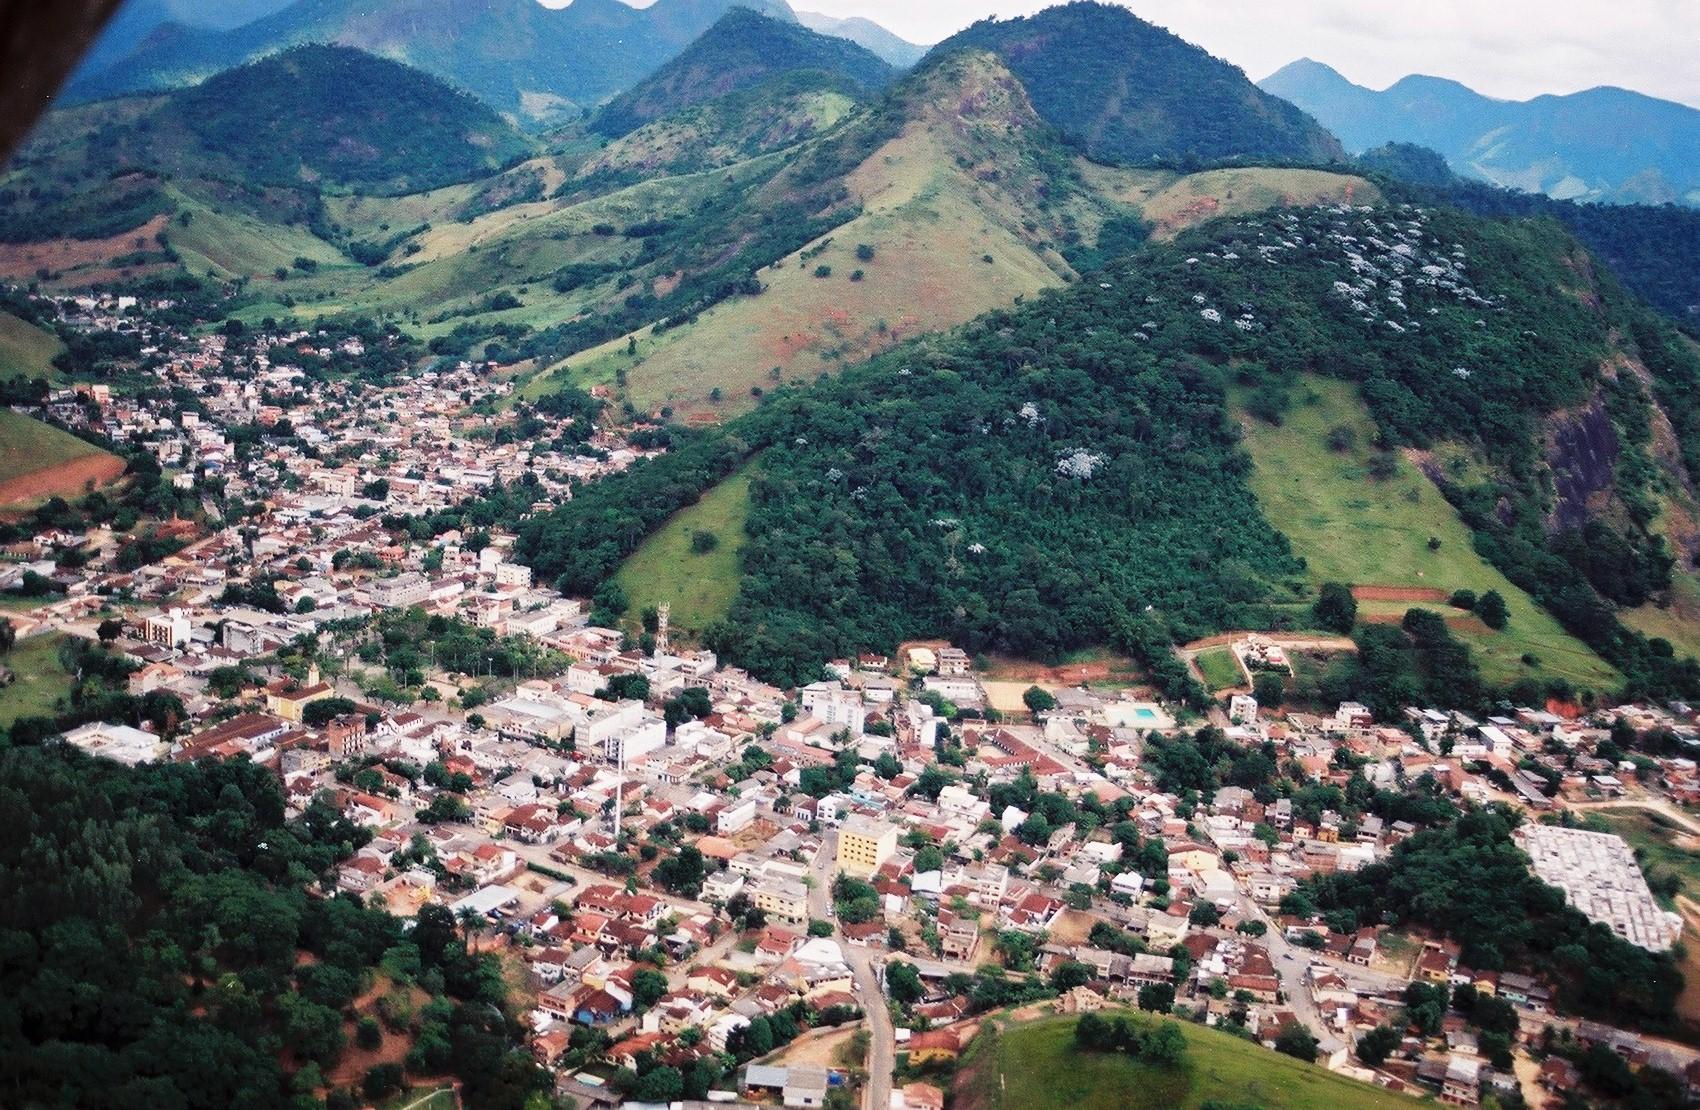 Conceição de Macabu